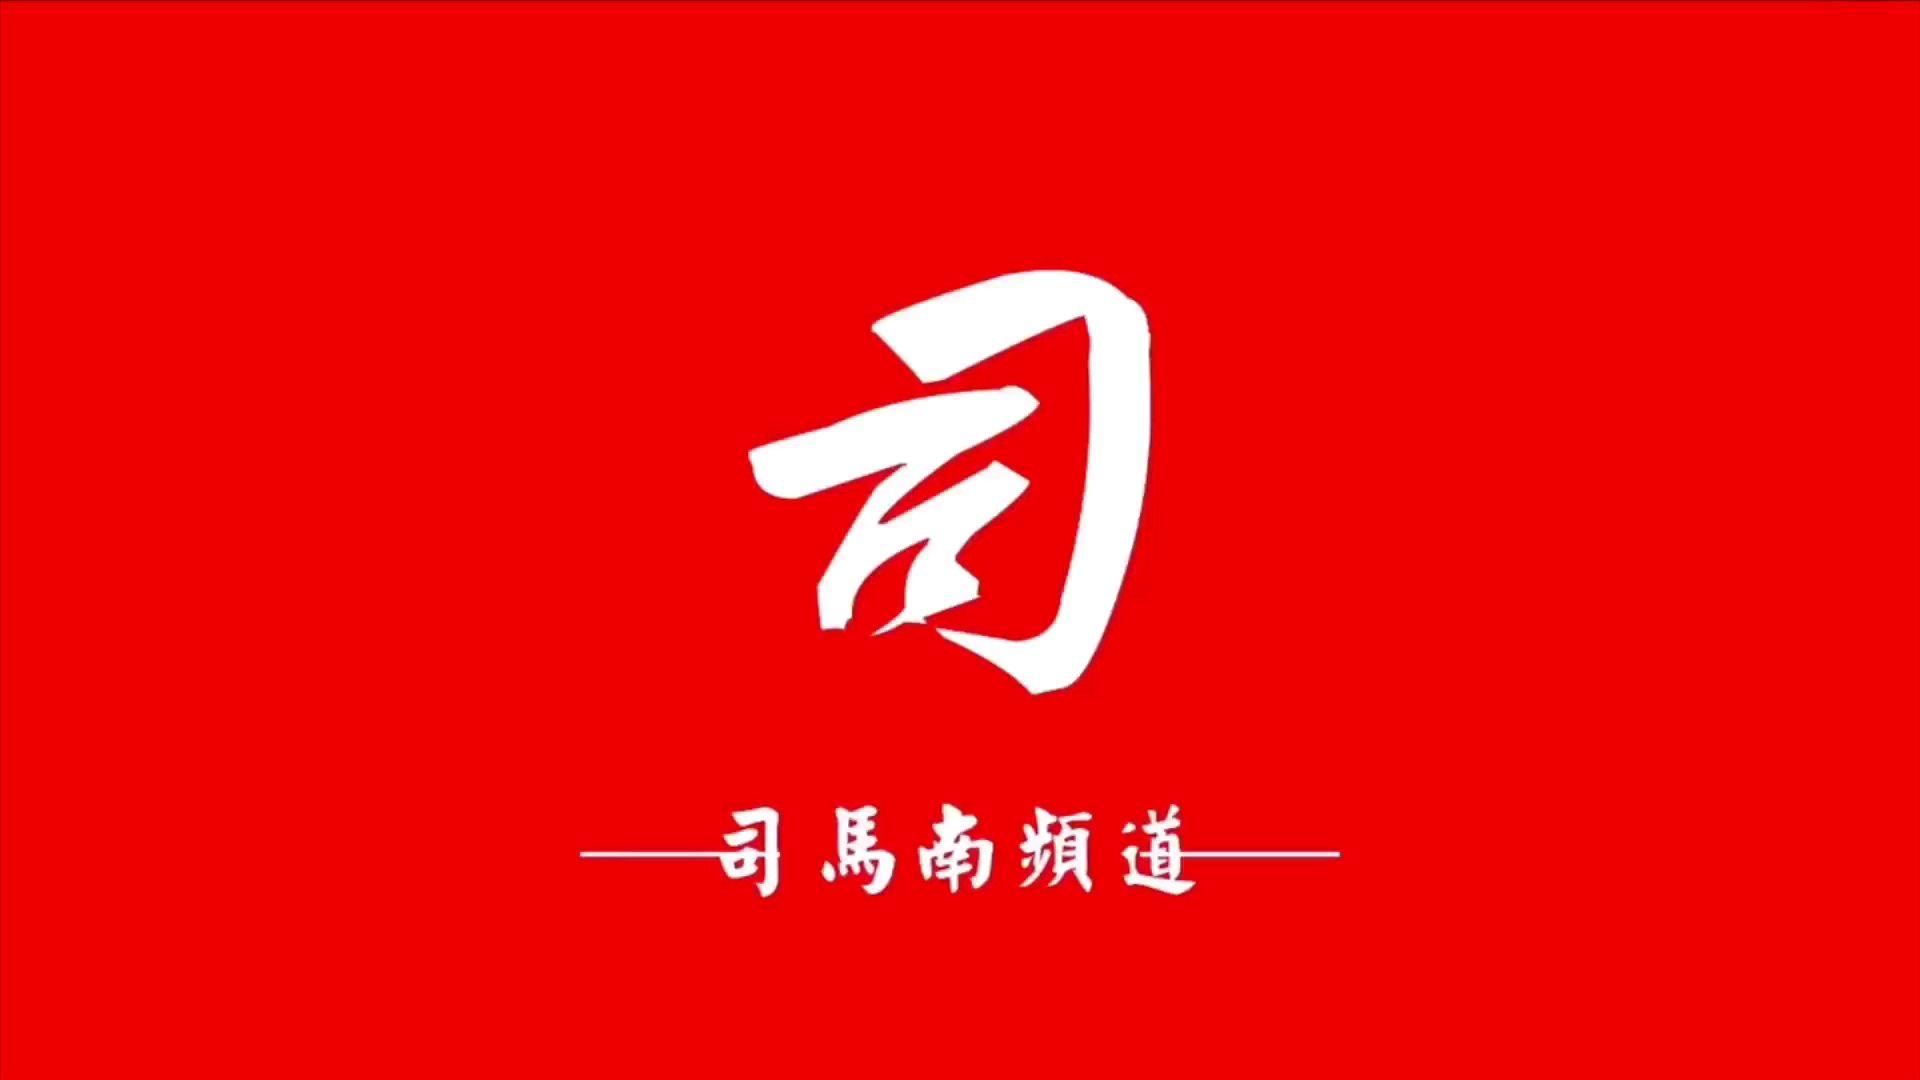 20200911司马南与李肃先生交谈记录(修缮版)